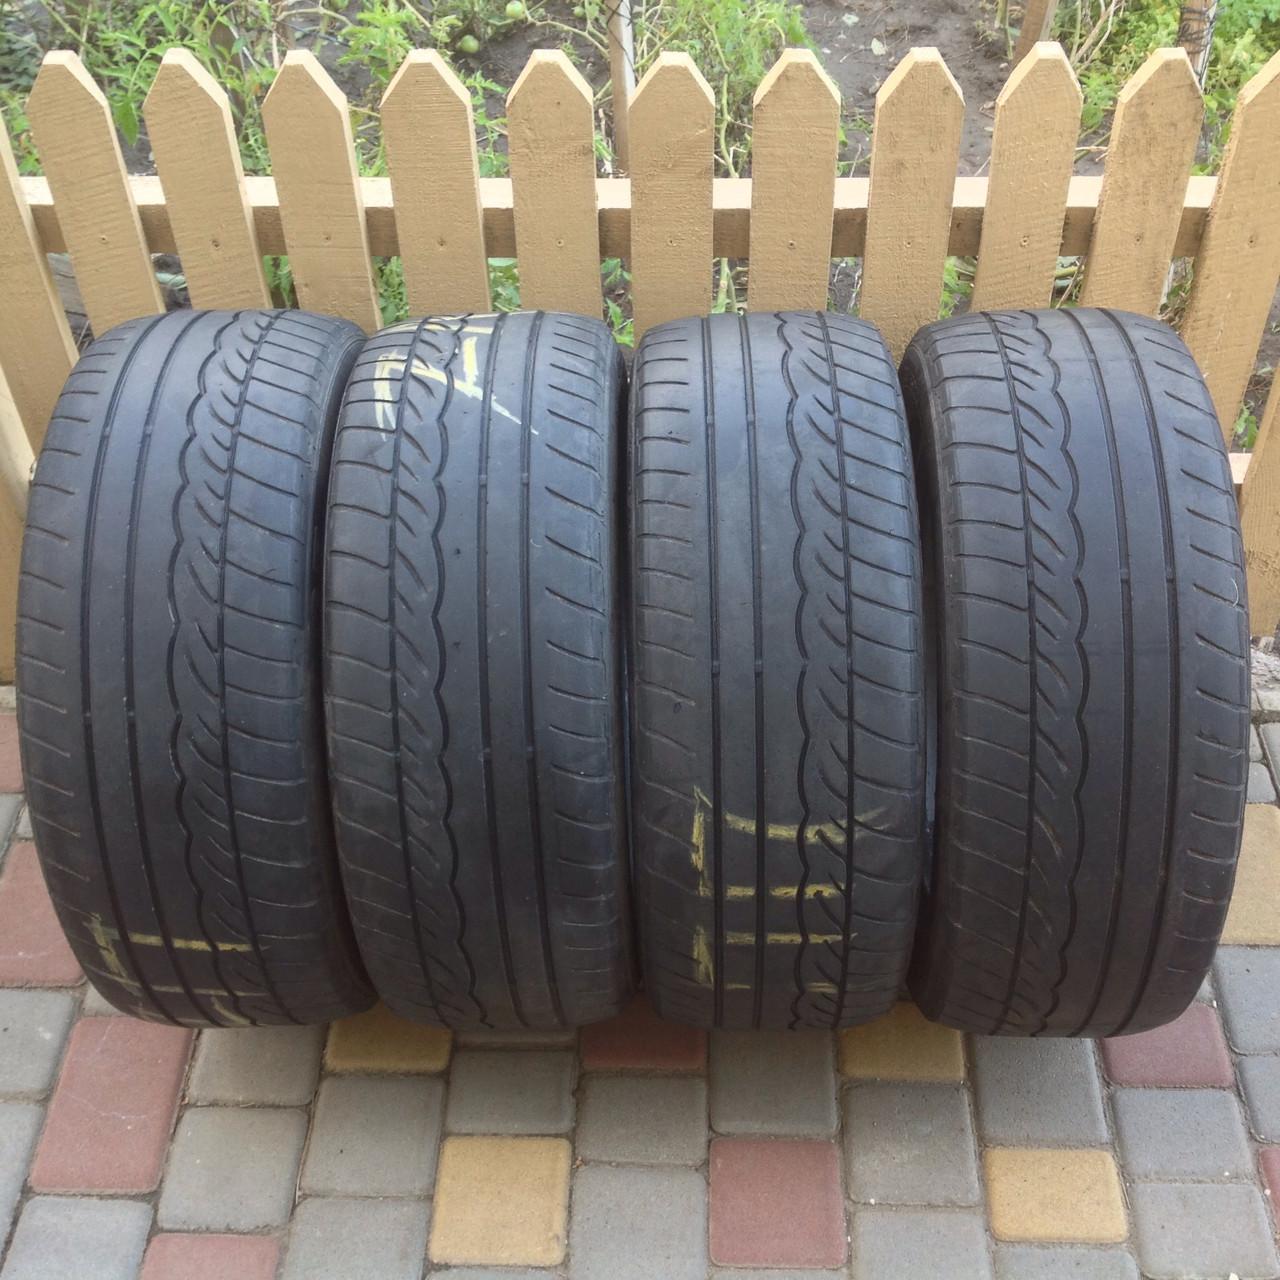 Летняя резина Dunlop SP Sport 01 205/55 R16, Б/У,  2008 года выпуска, 4 шт. - Интернет-магазин «Happy Smile» в Одессе